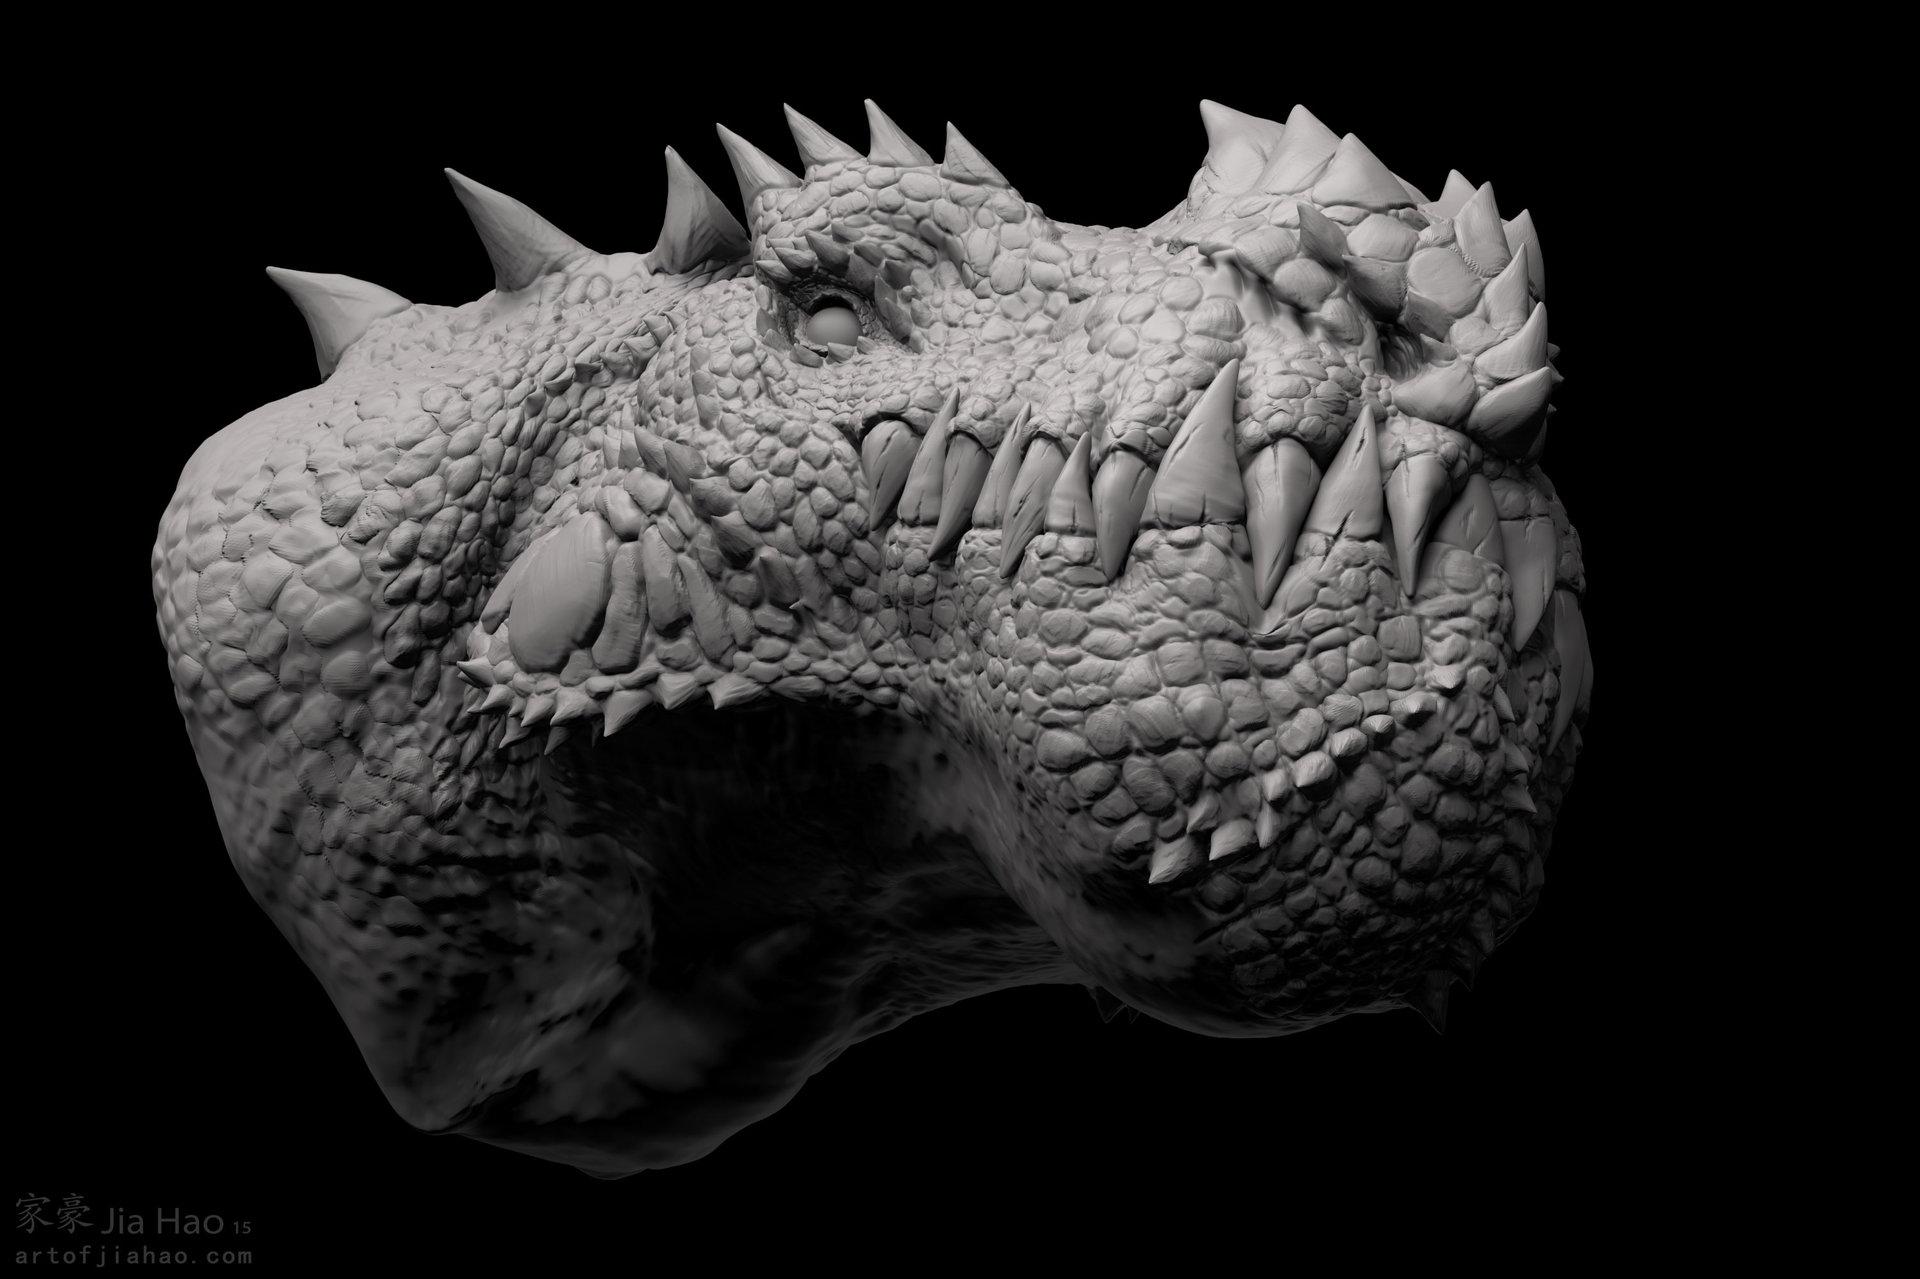 Jia hao 2015 09 cryosaurus sculpt 02